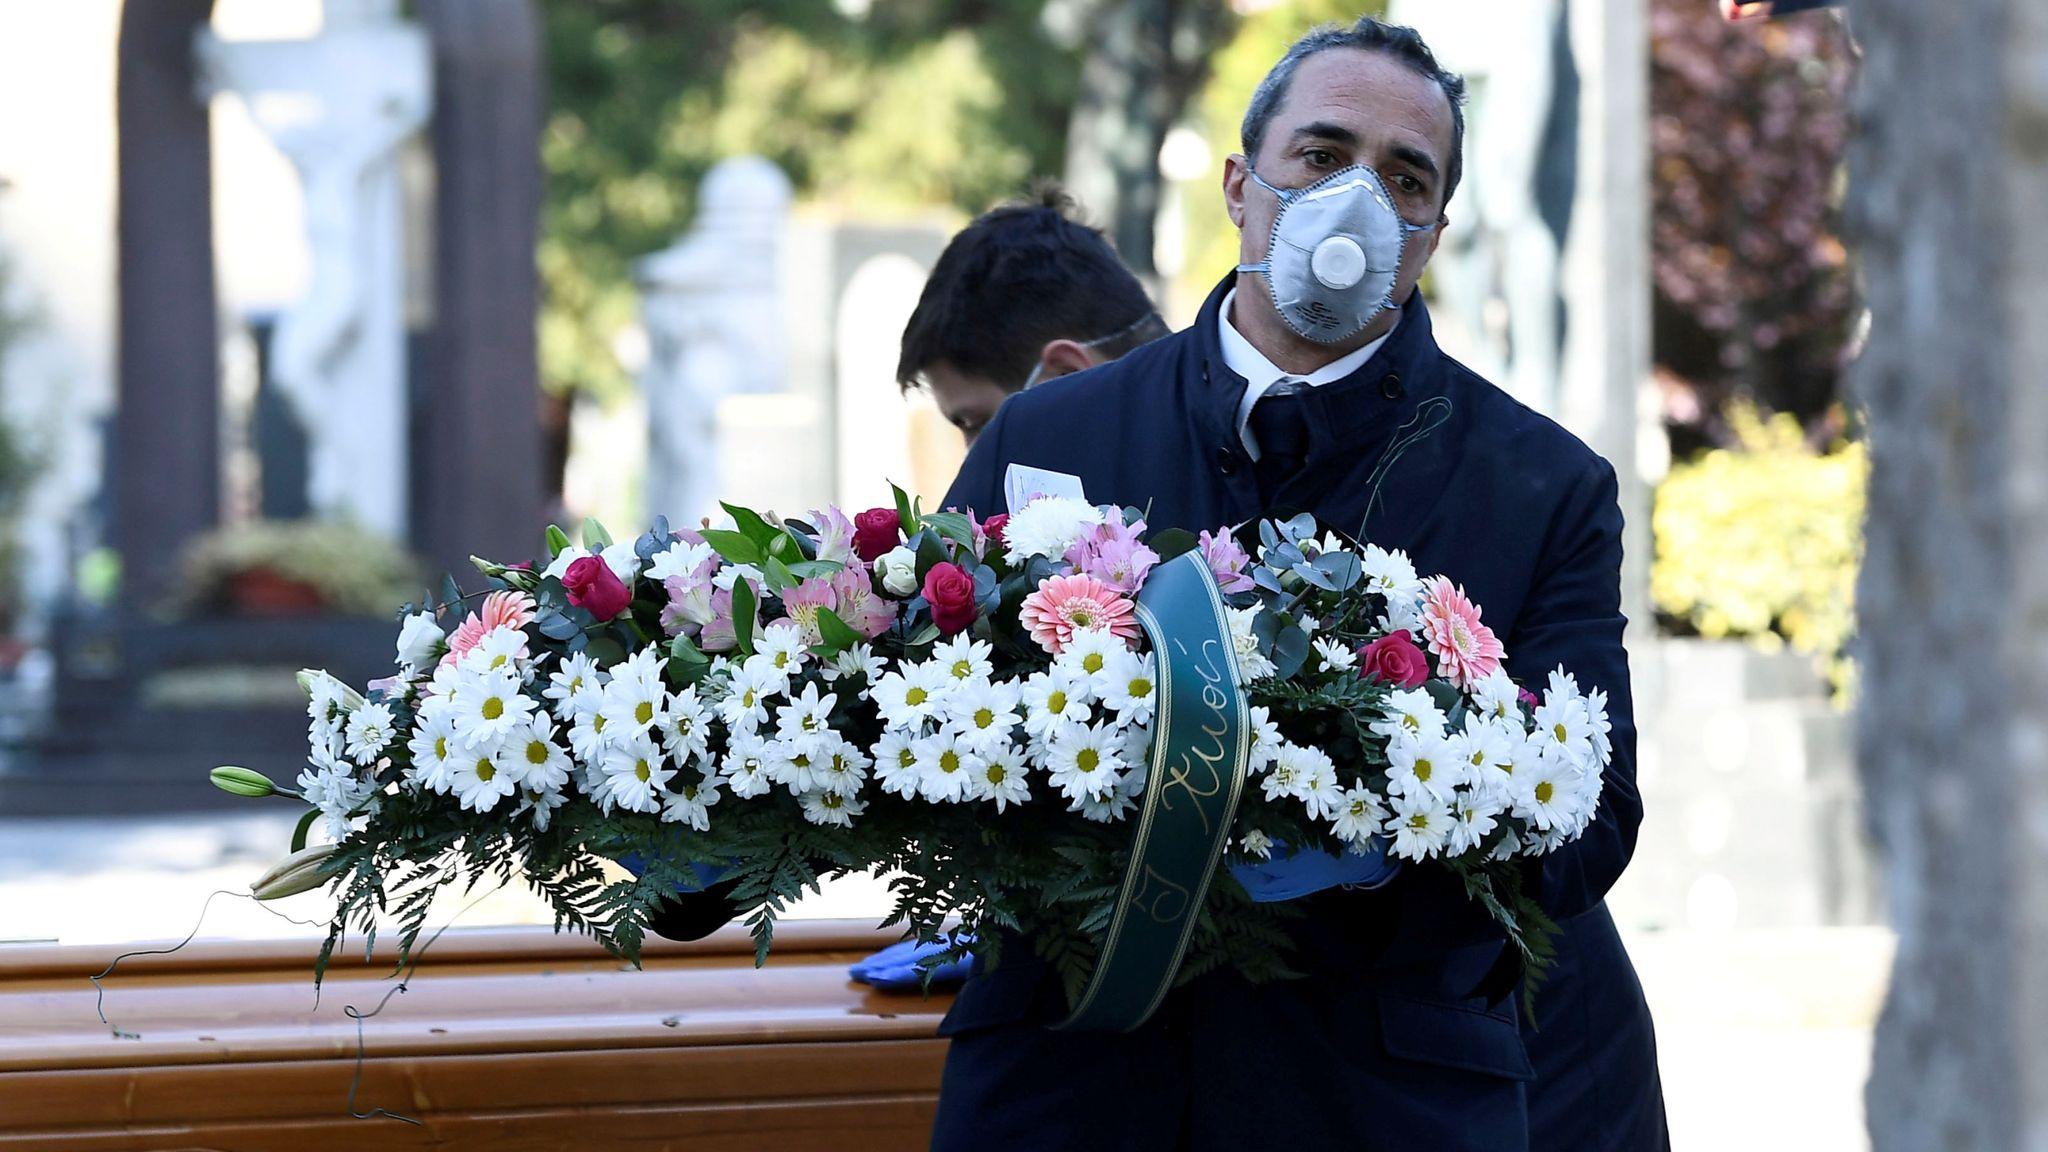 Gracias al COVID-19, los funerales ahora están siendo transmitidos por livestream